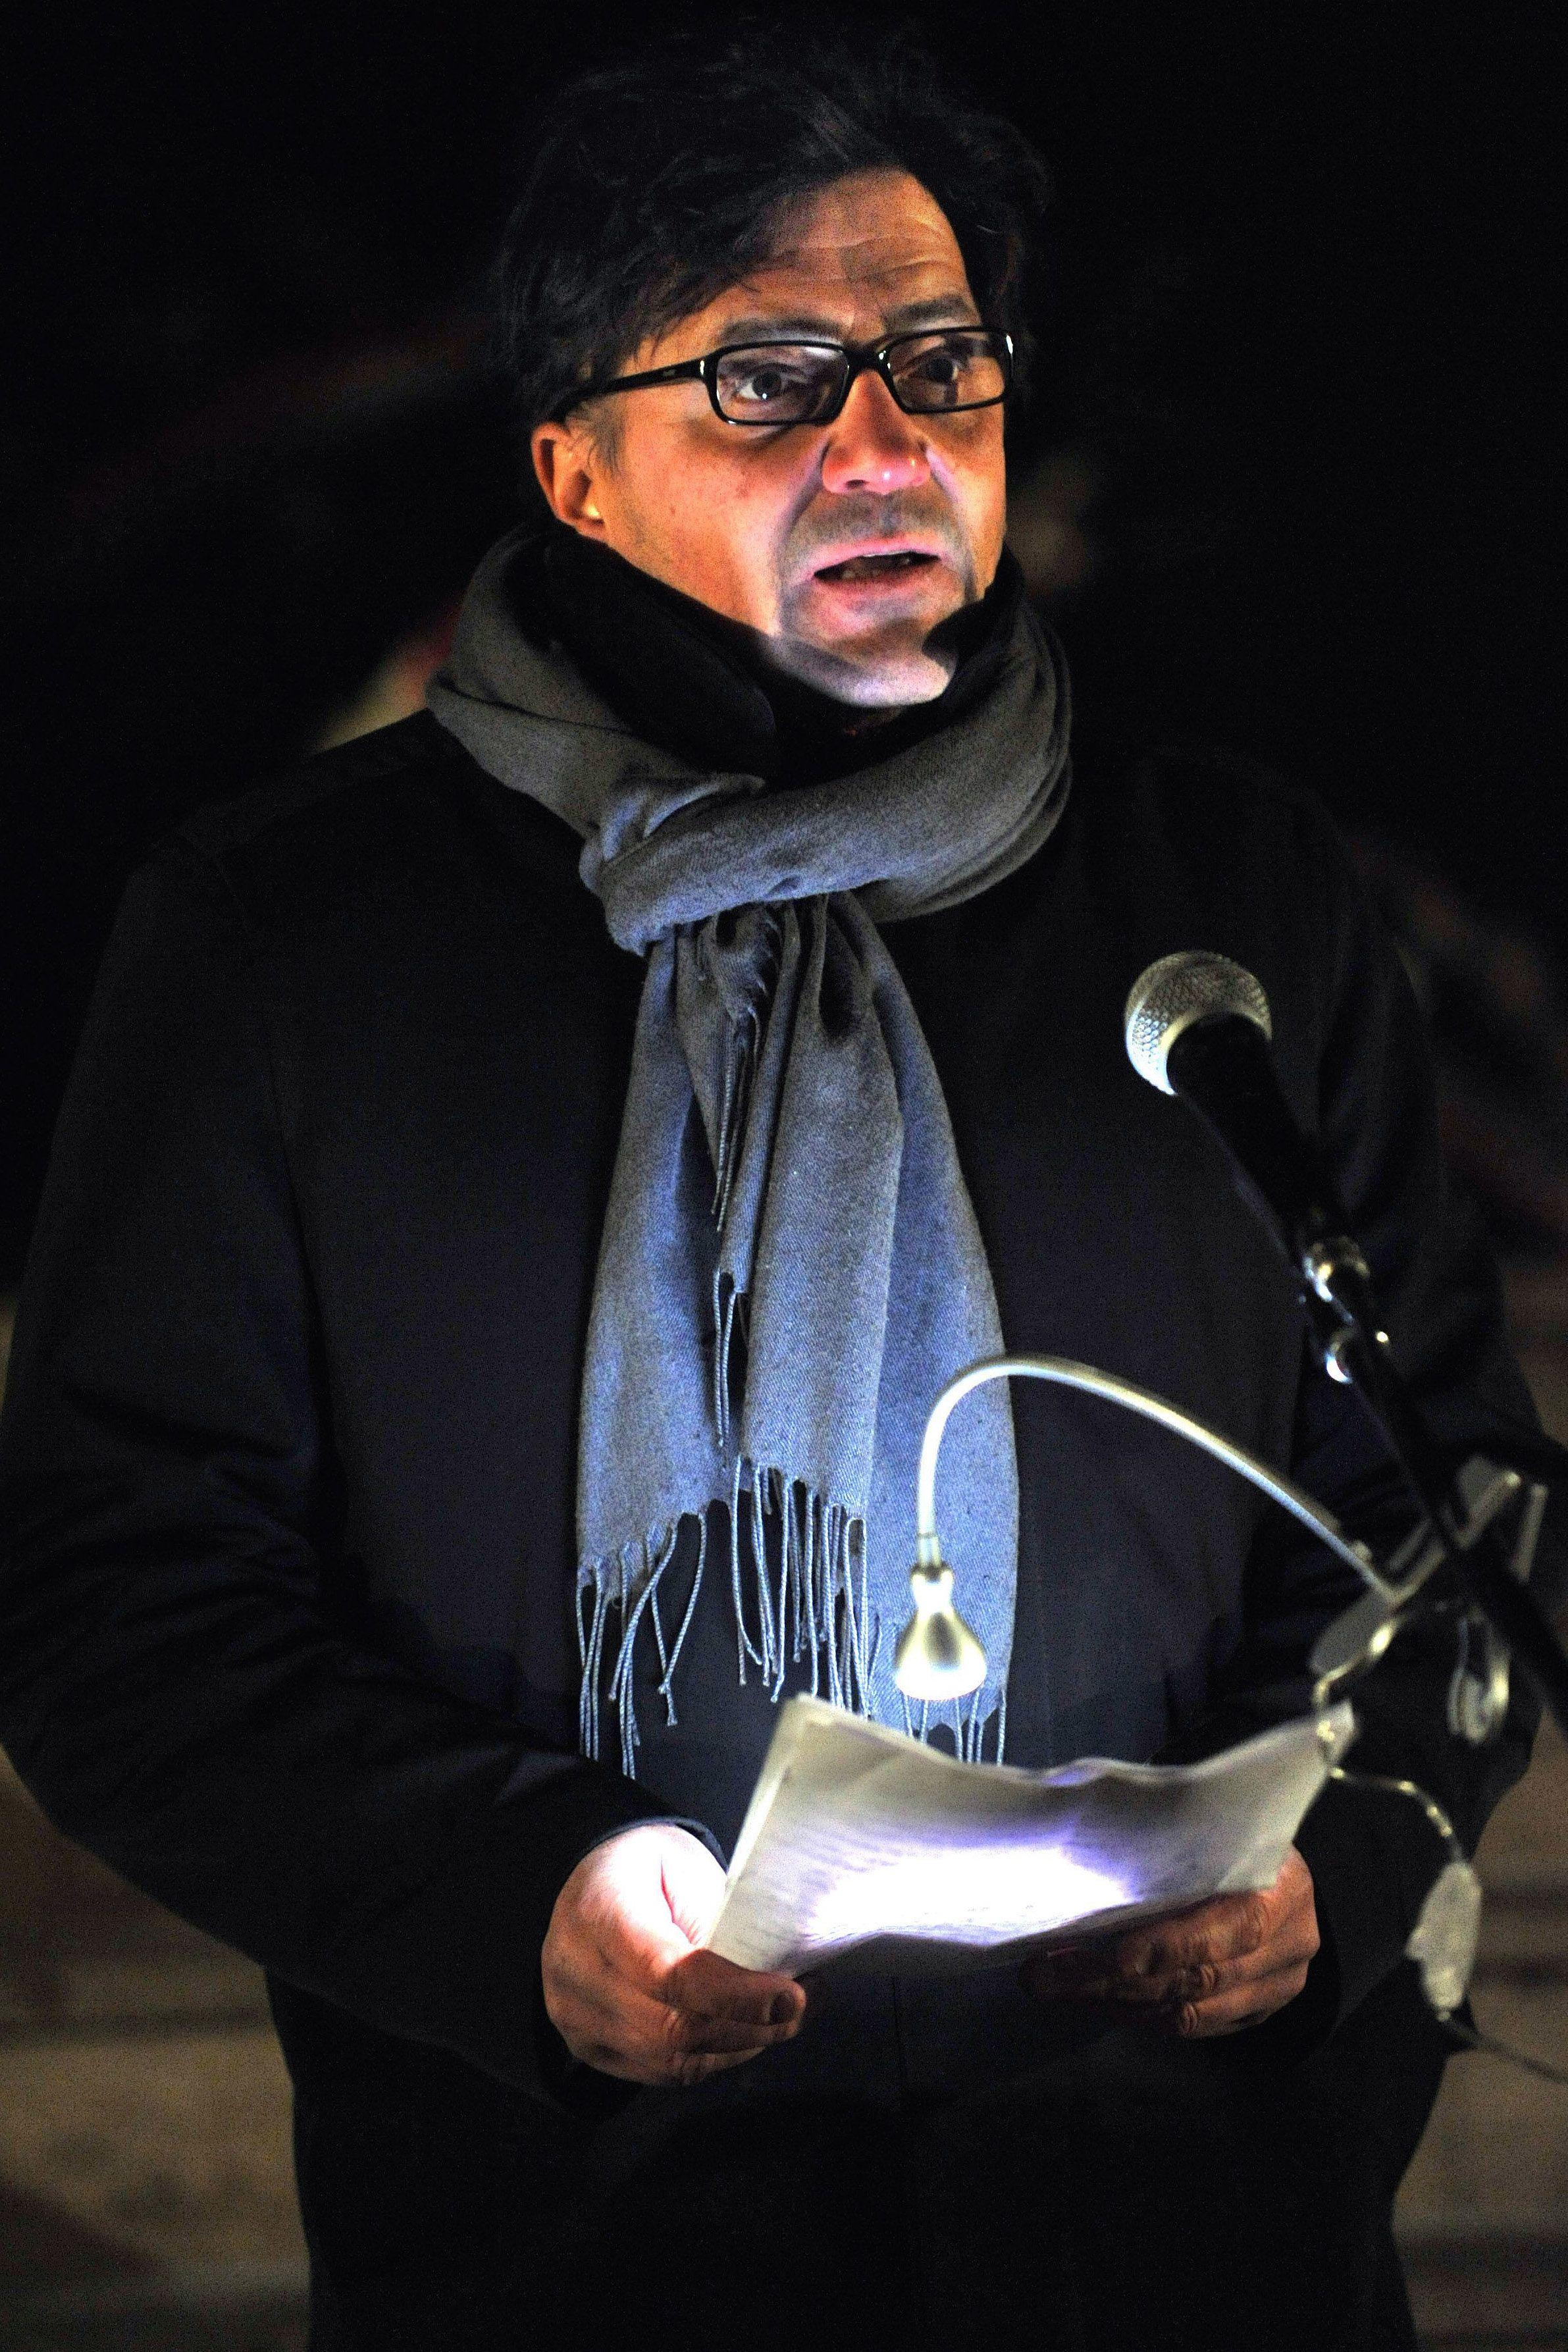 Budapest, 2011. február 25.Losonczy Pál, a Jobbik fővárosi képviselője beszédet mond a Petőfi híd budai lábánál található Memento emlékműnél, ahol a párt megemlékezést tartott a kommunizmus áldozatainak emléknapja alkalmából.MTI Fotó: Máthé Zoltán